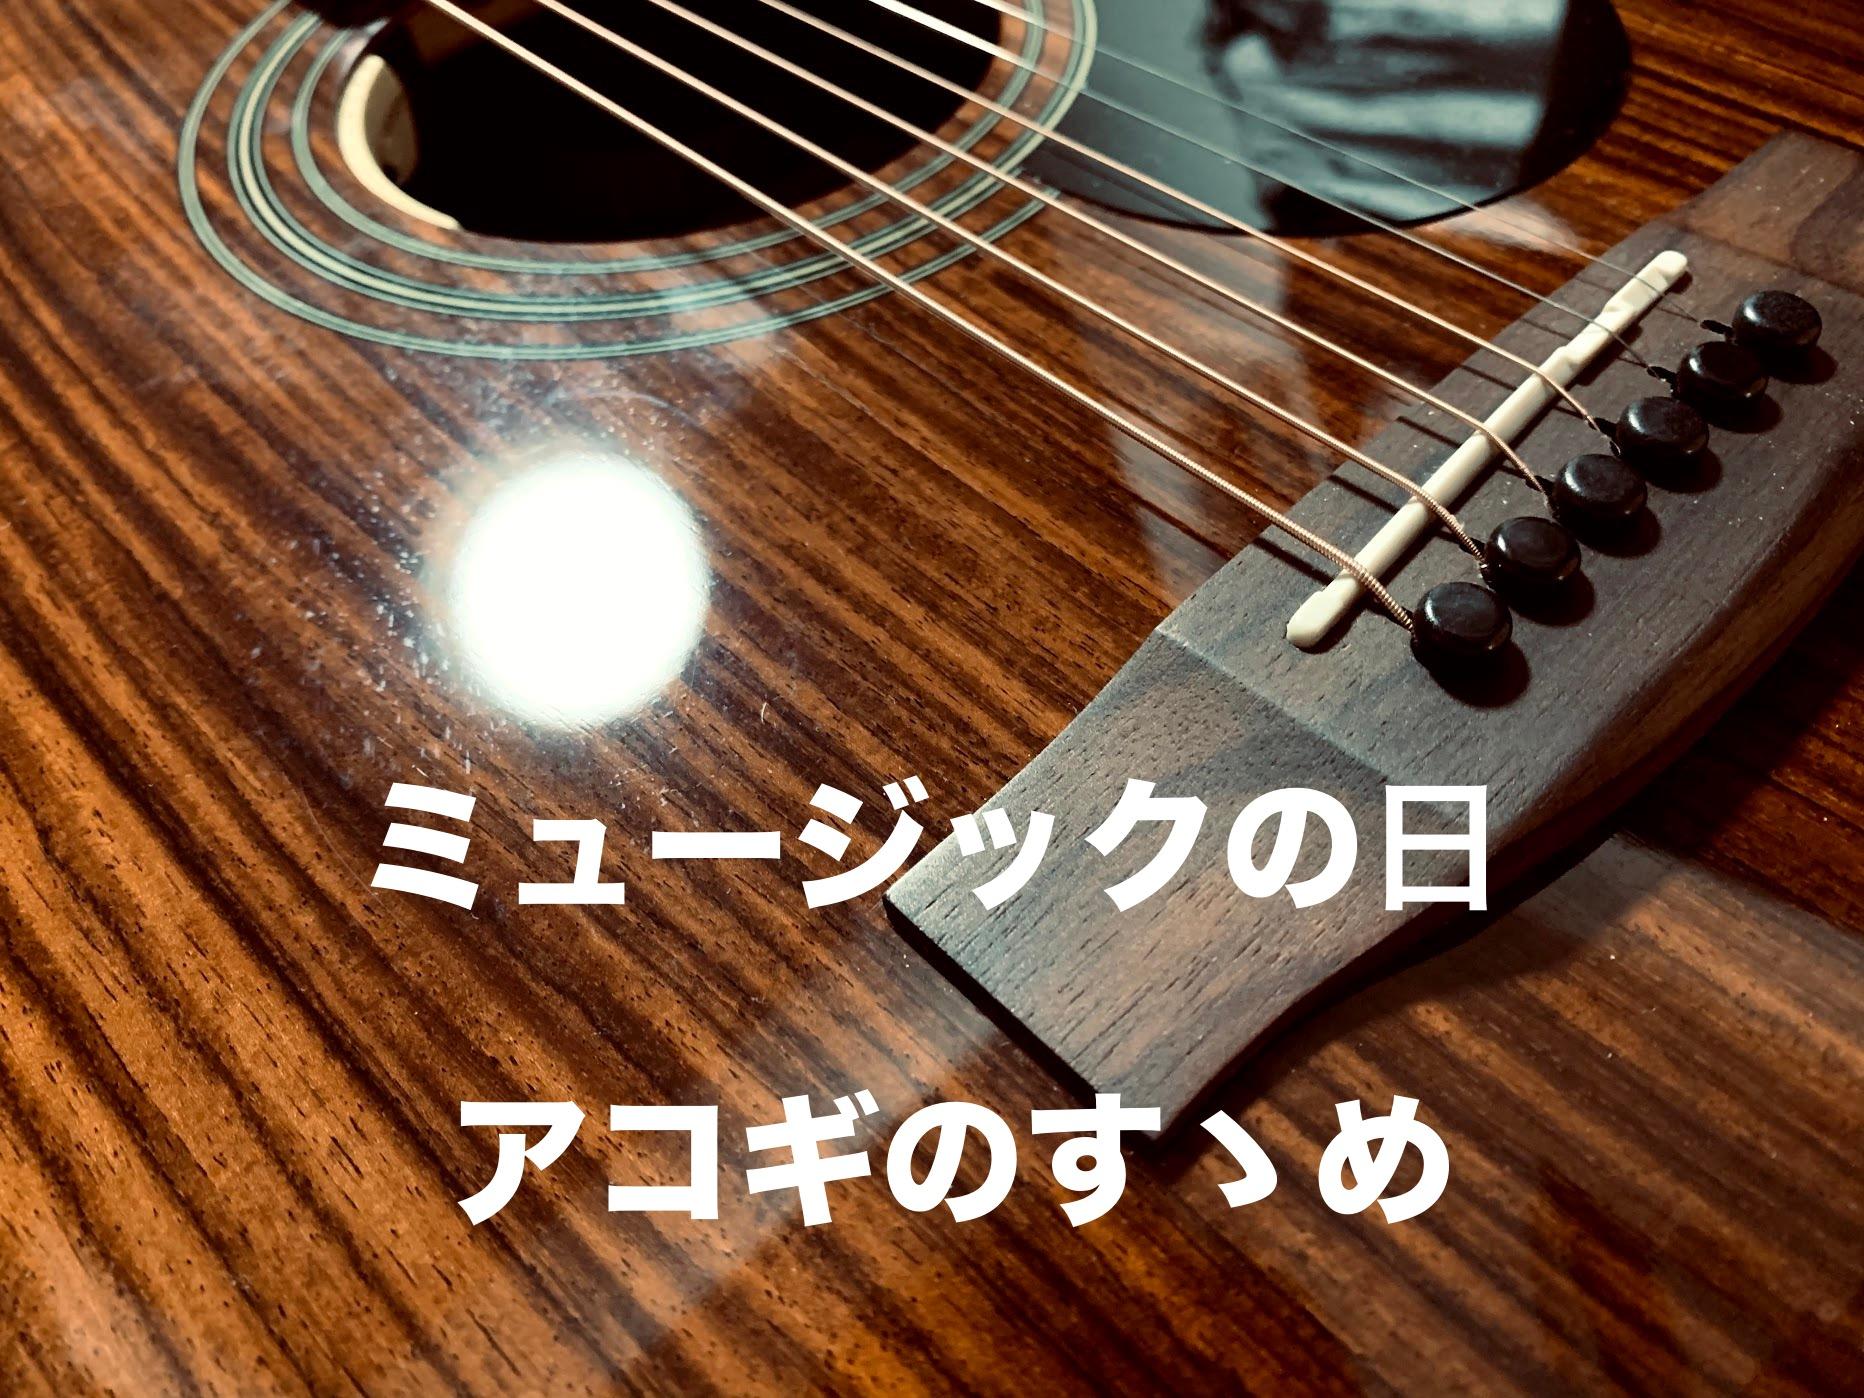 アコースティックギターの画像